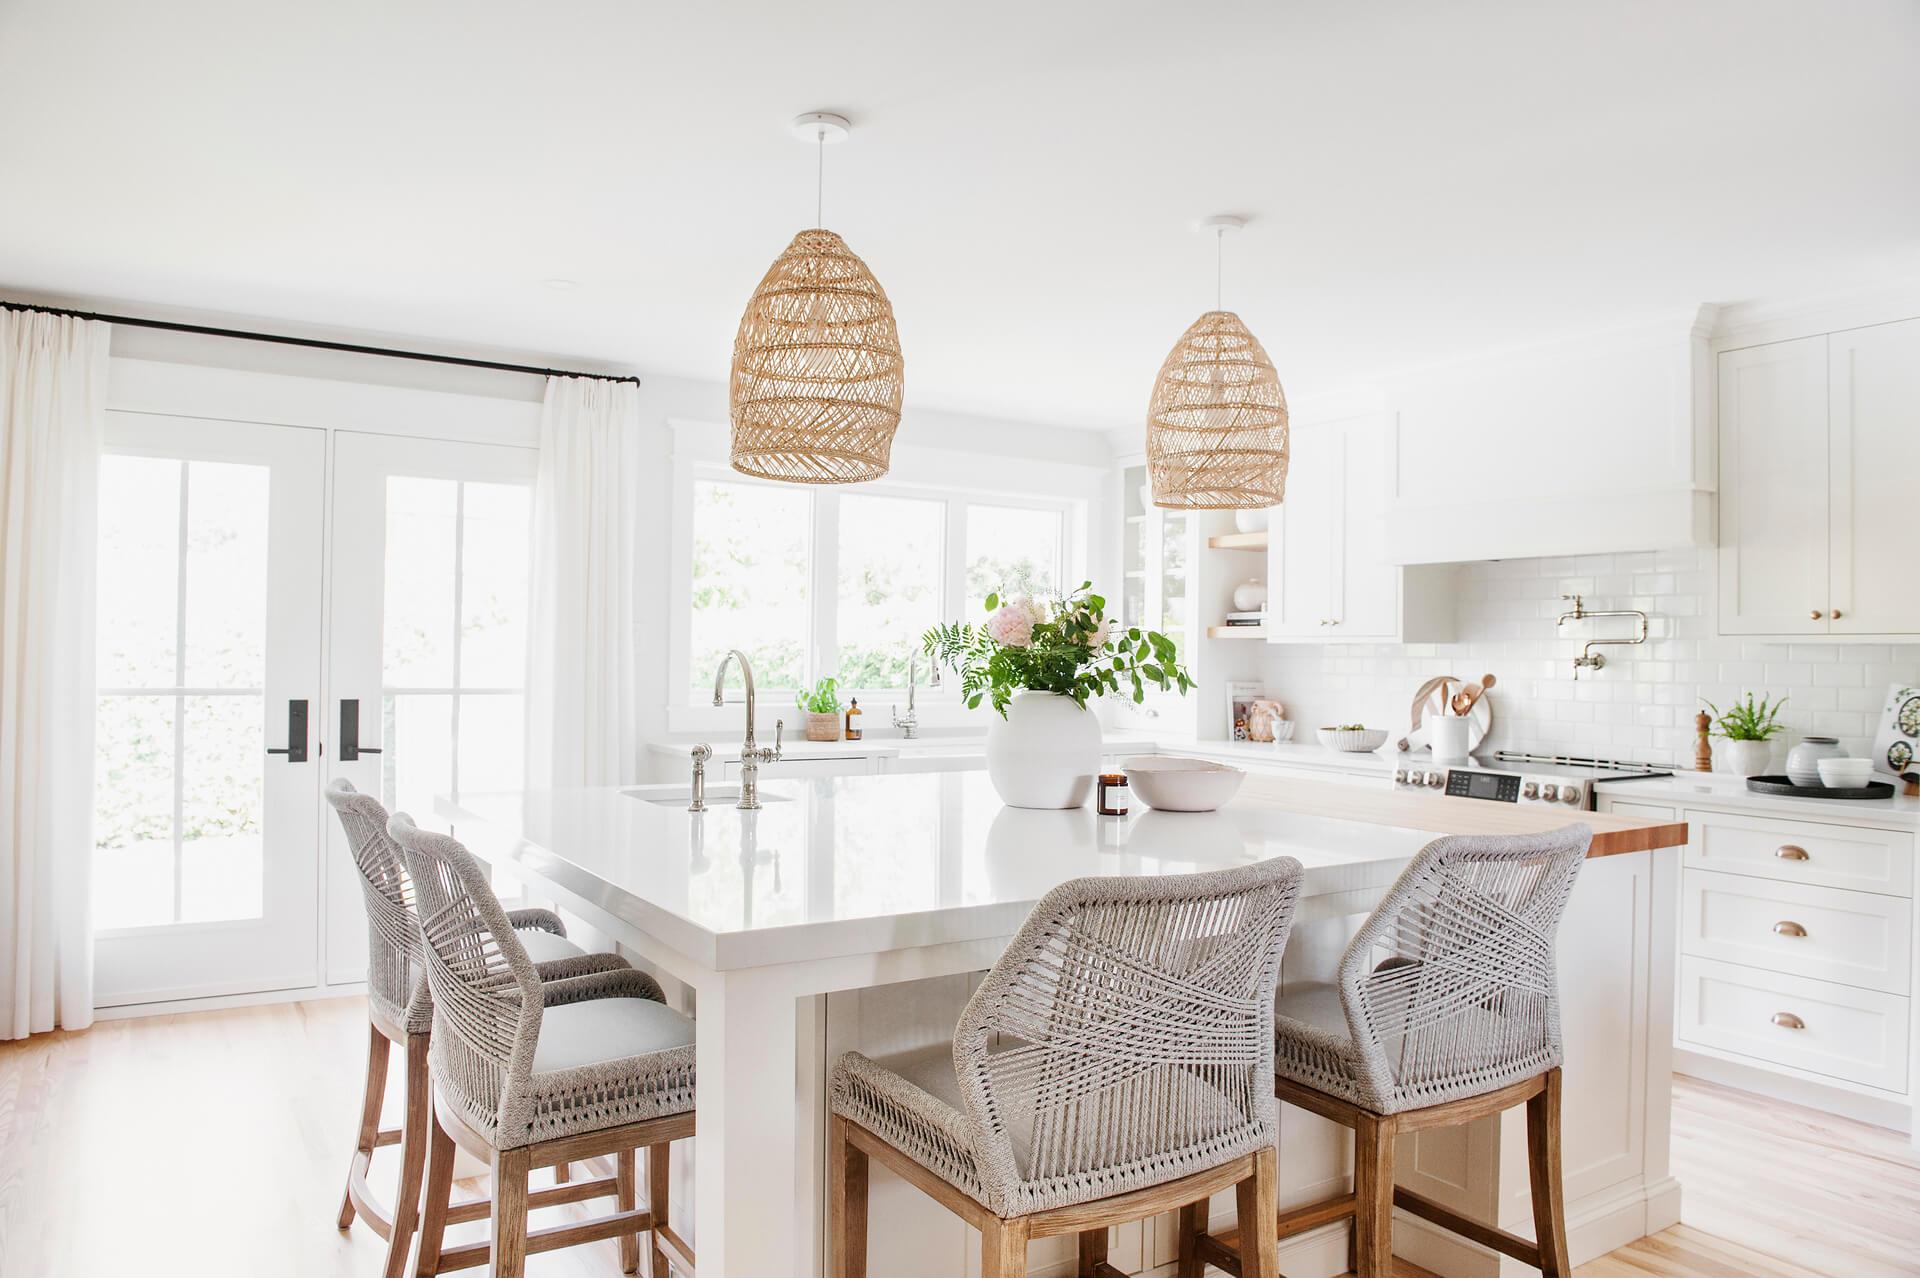 Frobisher AKB Design cuisine blanche farmhouse classique tablette bois luminaire osier ilot quarz 3